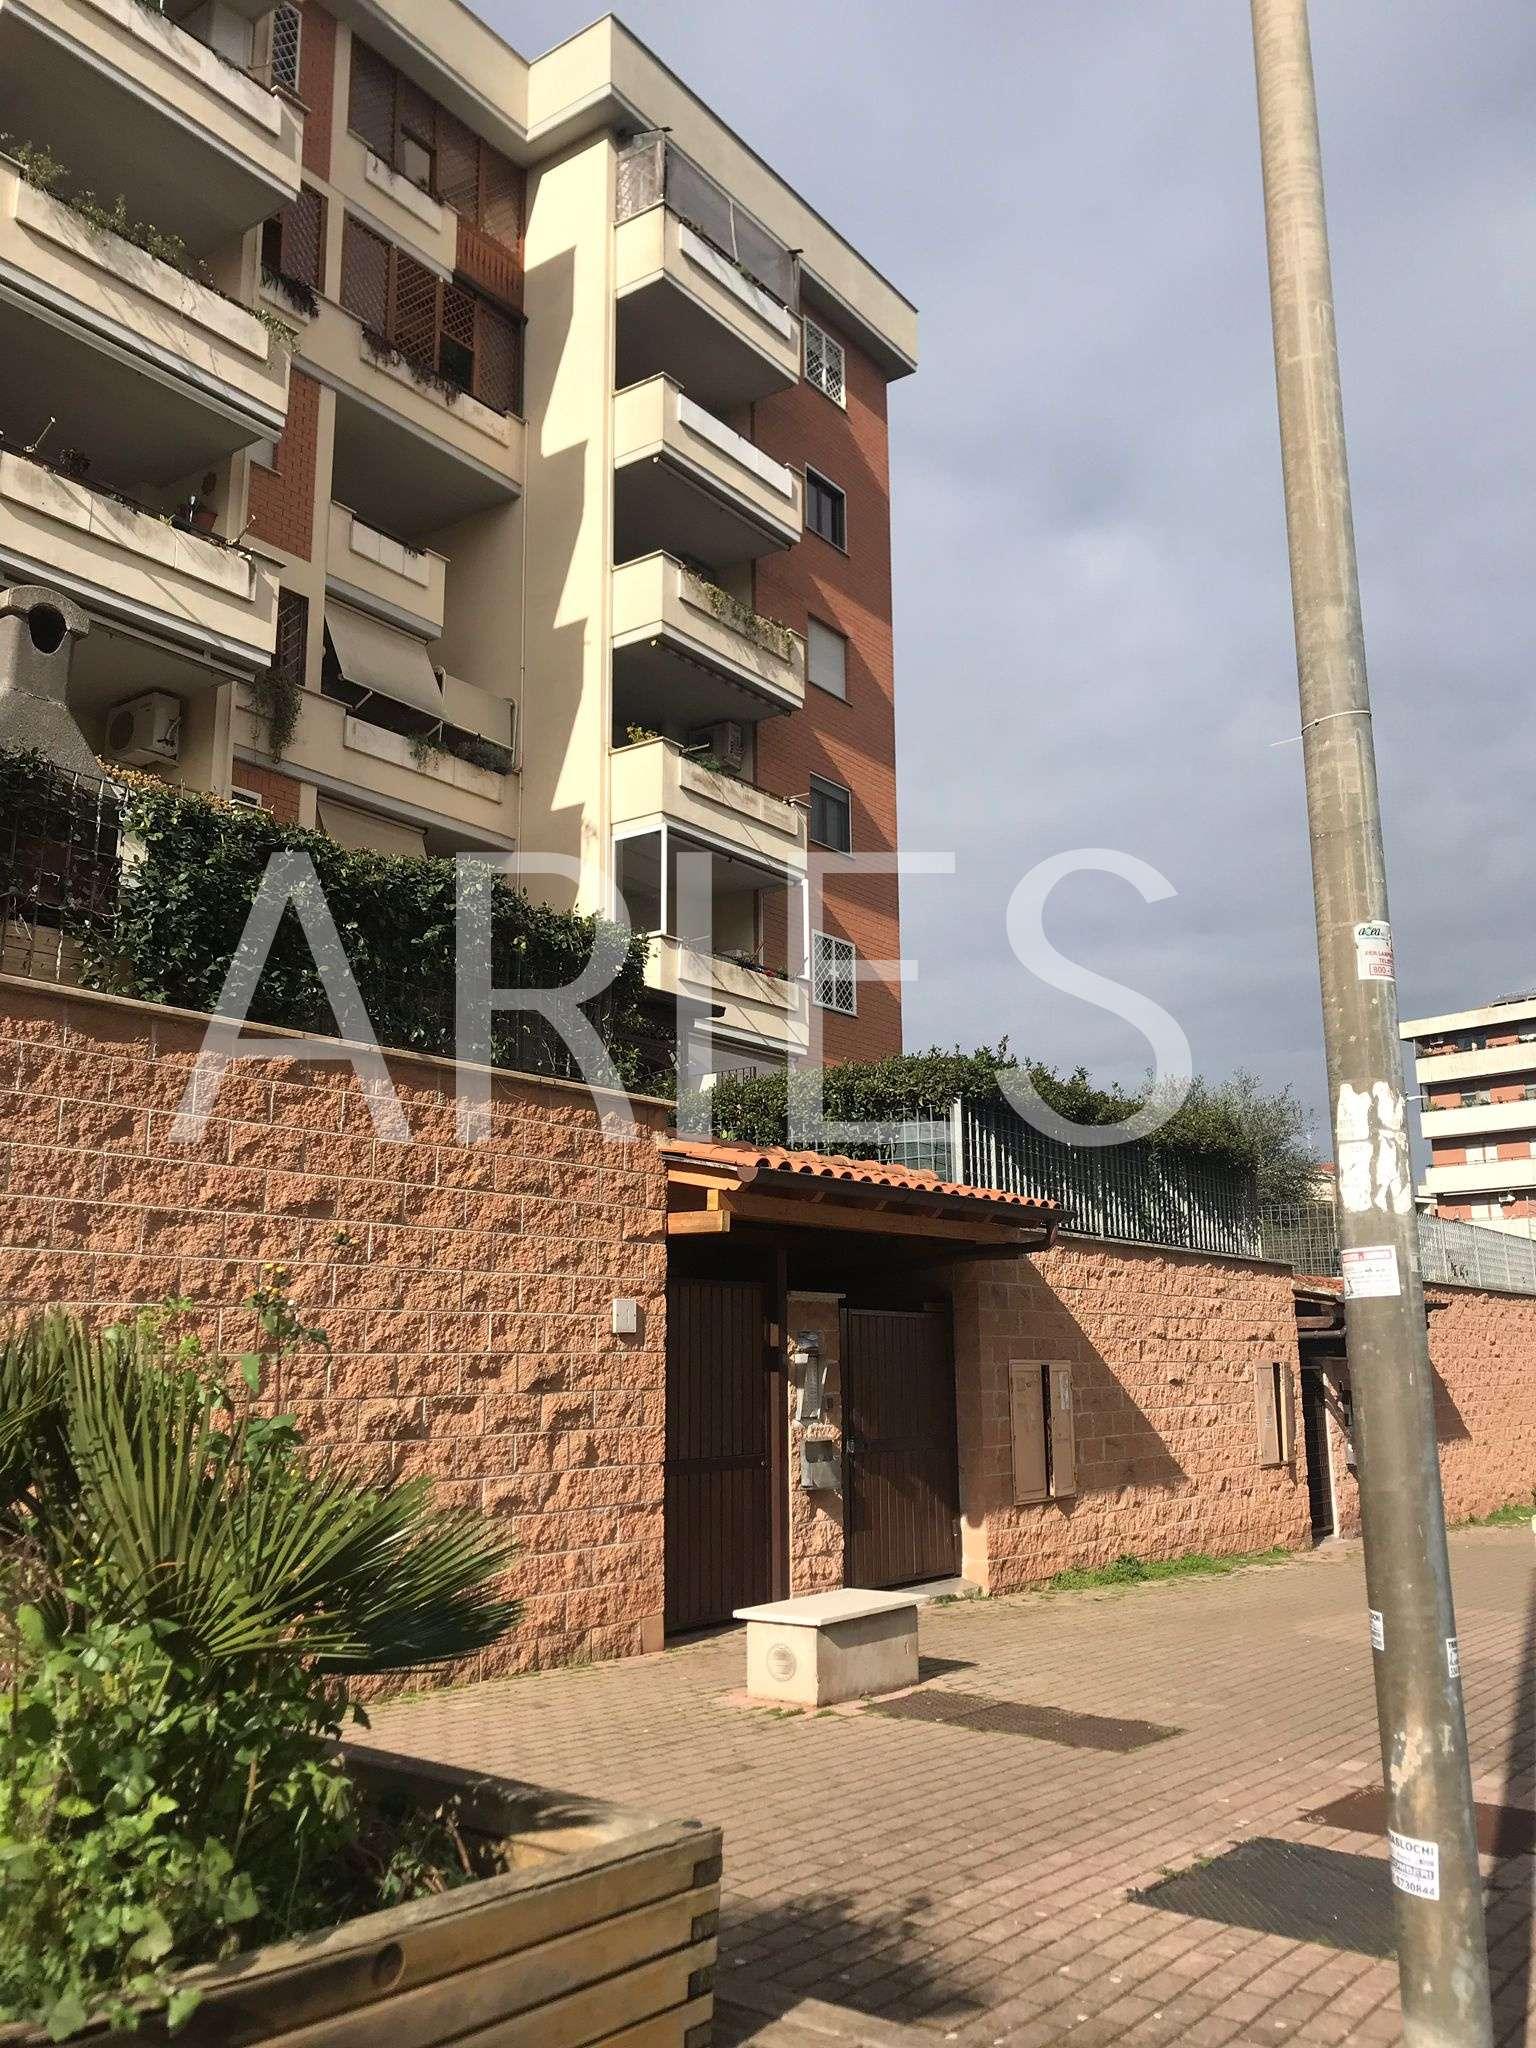 Appartamento in vendita a Roma, 3 locali, zona Zona: 21 . Laurentina, prezzo € 279.000 | CambioCasa.it